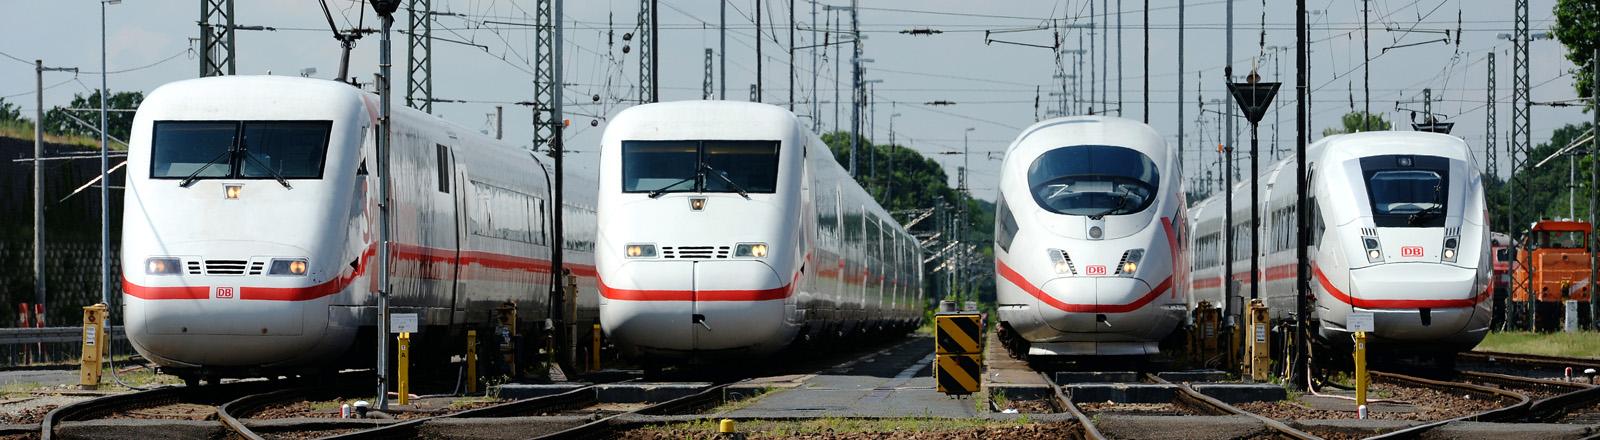 Die vier Generationen des ICE stehen am 02.06.2016 in Berlin beim Festakt anlässlich des 25. Jahrestages der Premierenfahrt des ersten fahrplanmäßigen ICE-Hochgeschwindigkeitszugs nebeneinander.